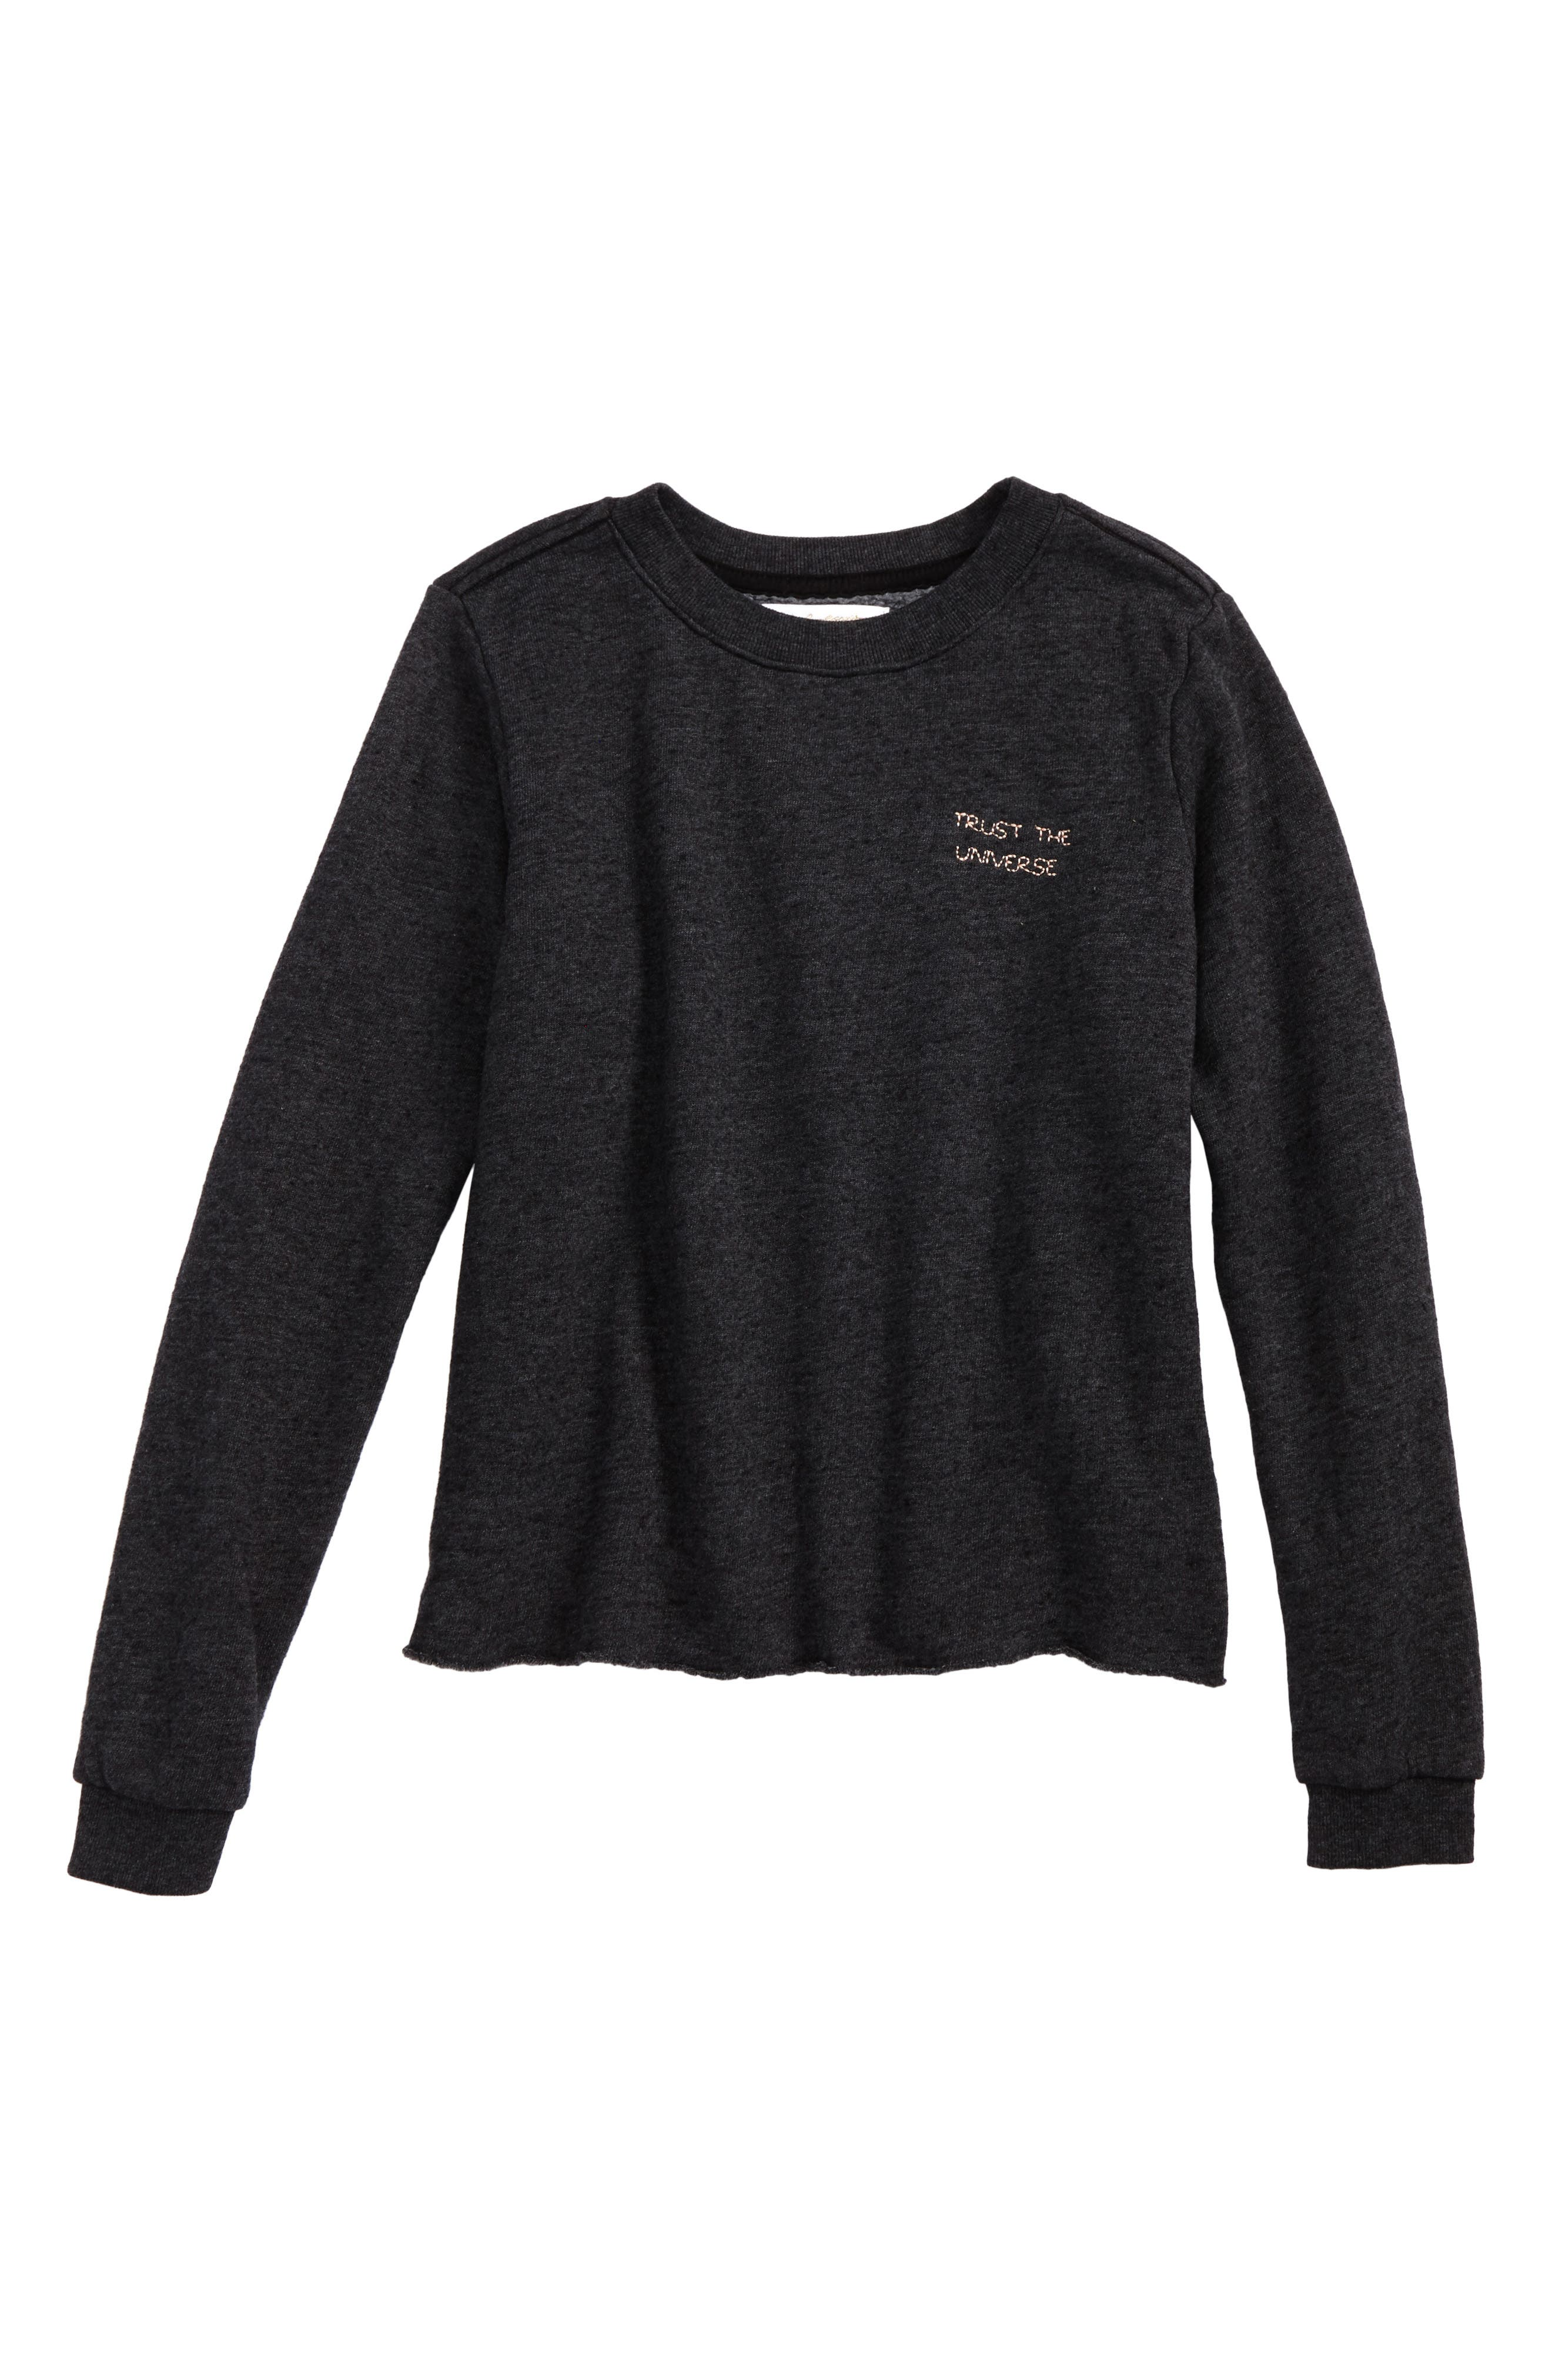 Trust the Universe Crop Sweatshirt,                             Main thumbnail 1, color,                             Vintage Black